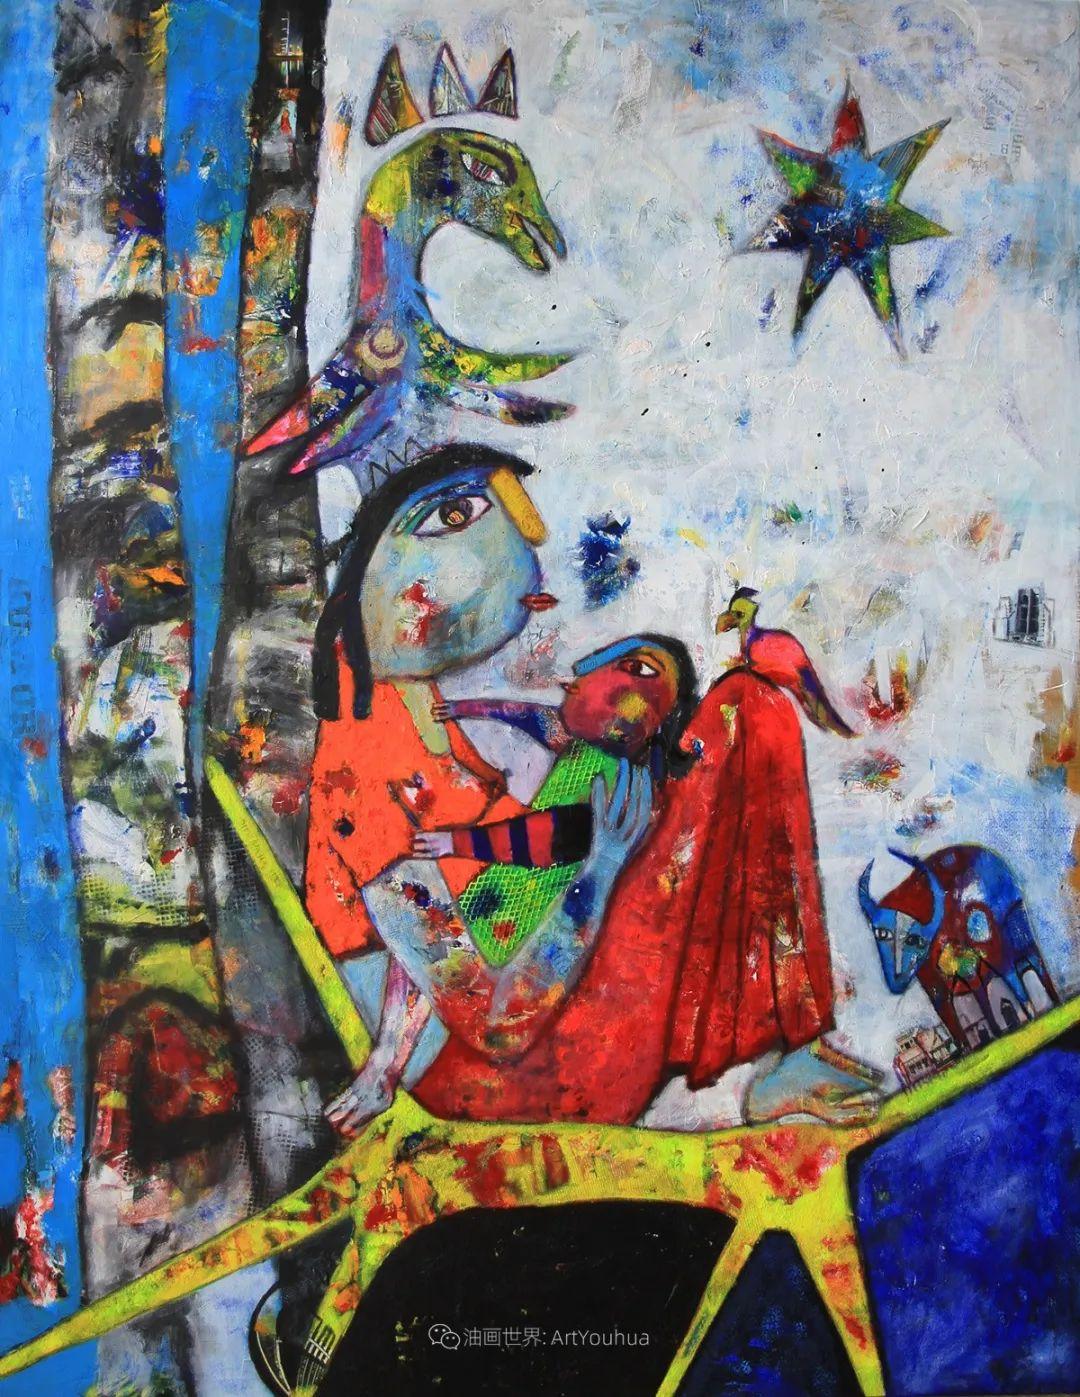 她的艺术是丰富多彩的,孟加拉国艺术家谢法利·兰特插图27